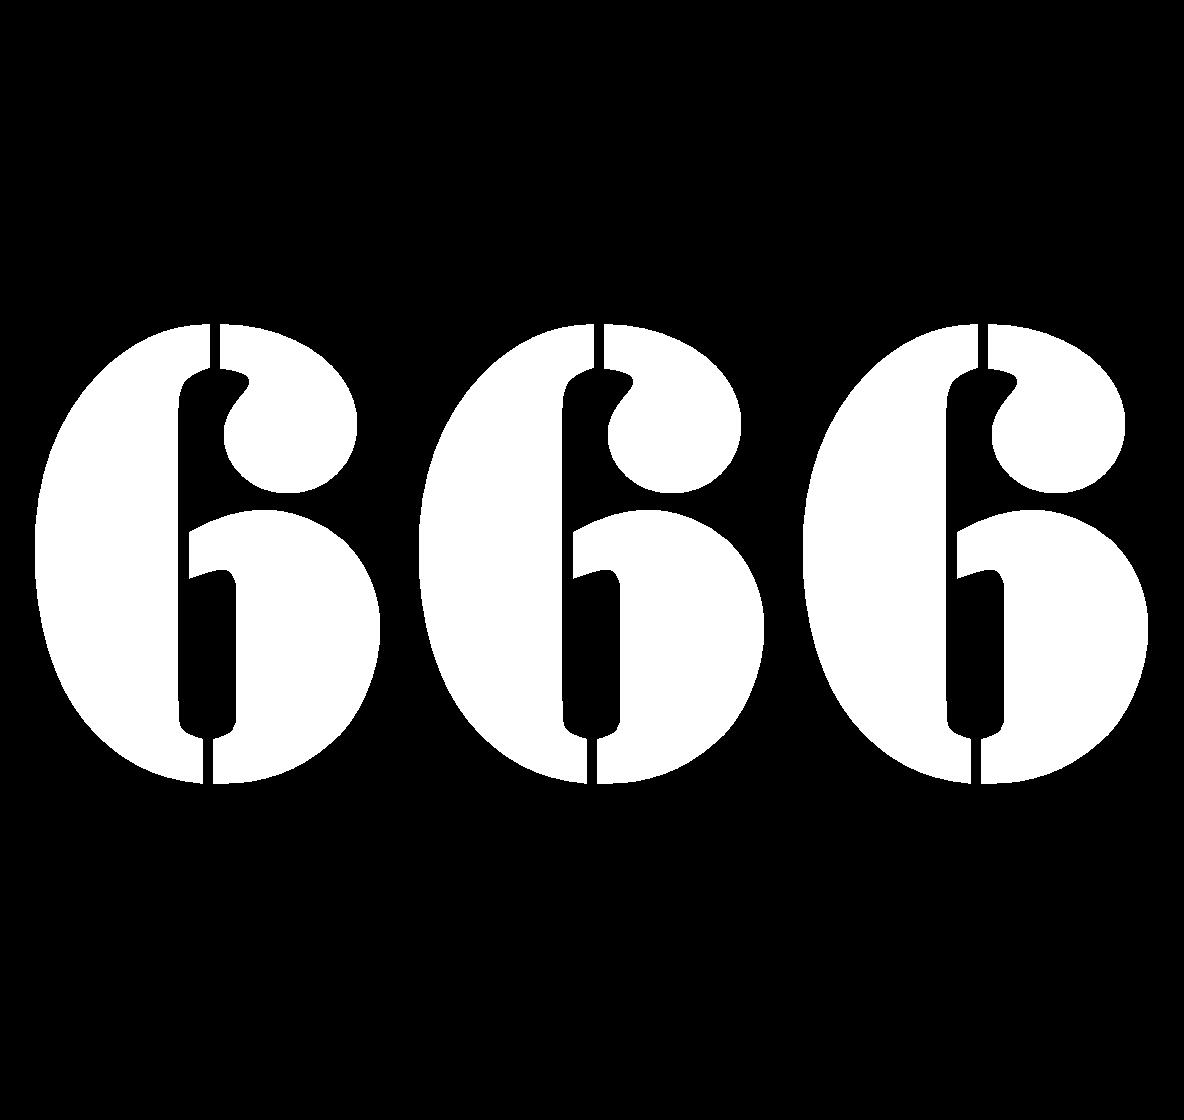 666 рублей через Сбербанк